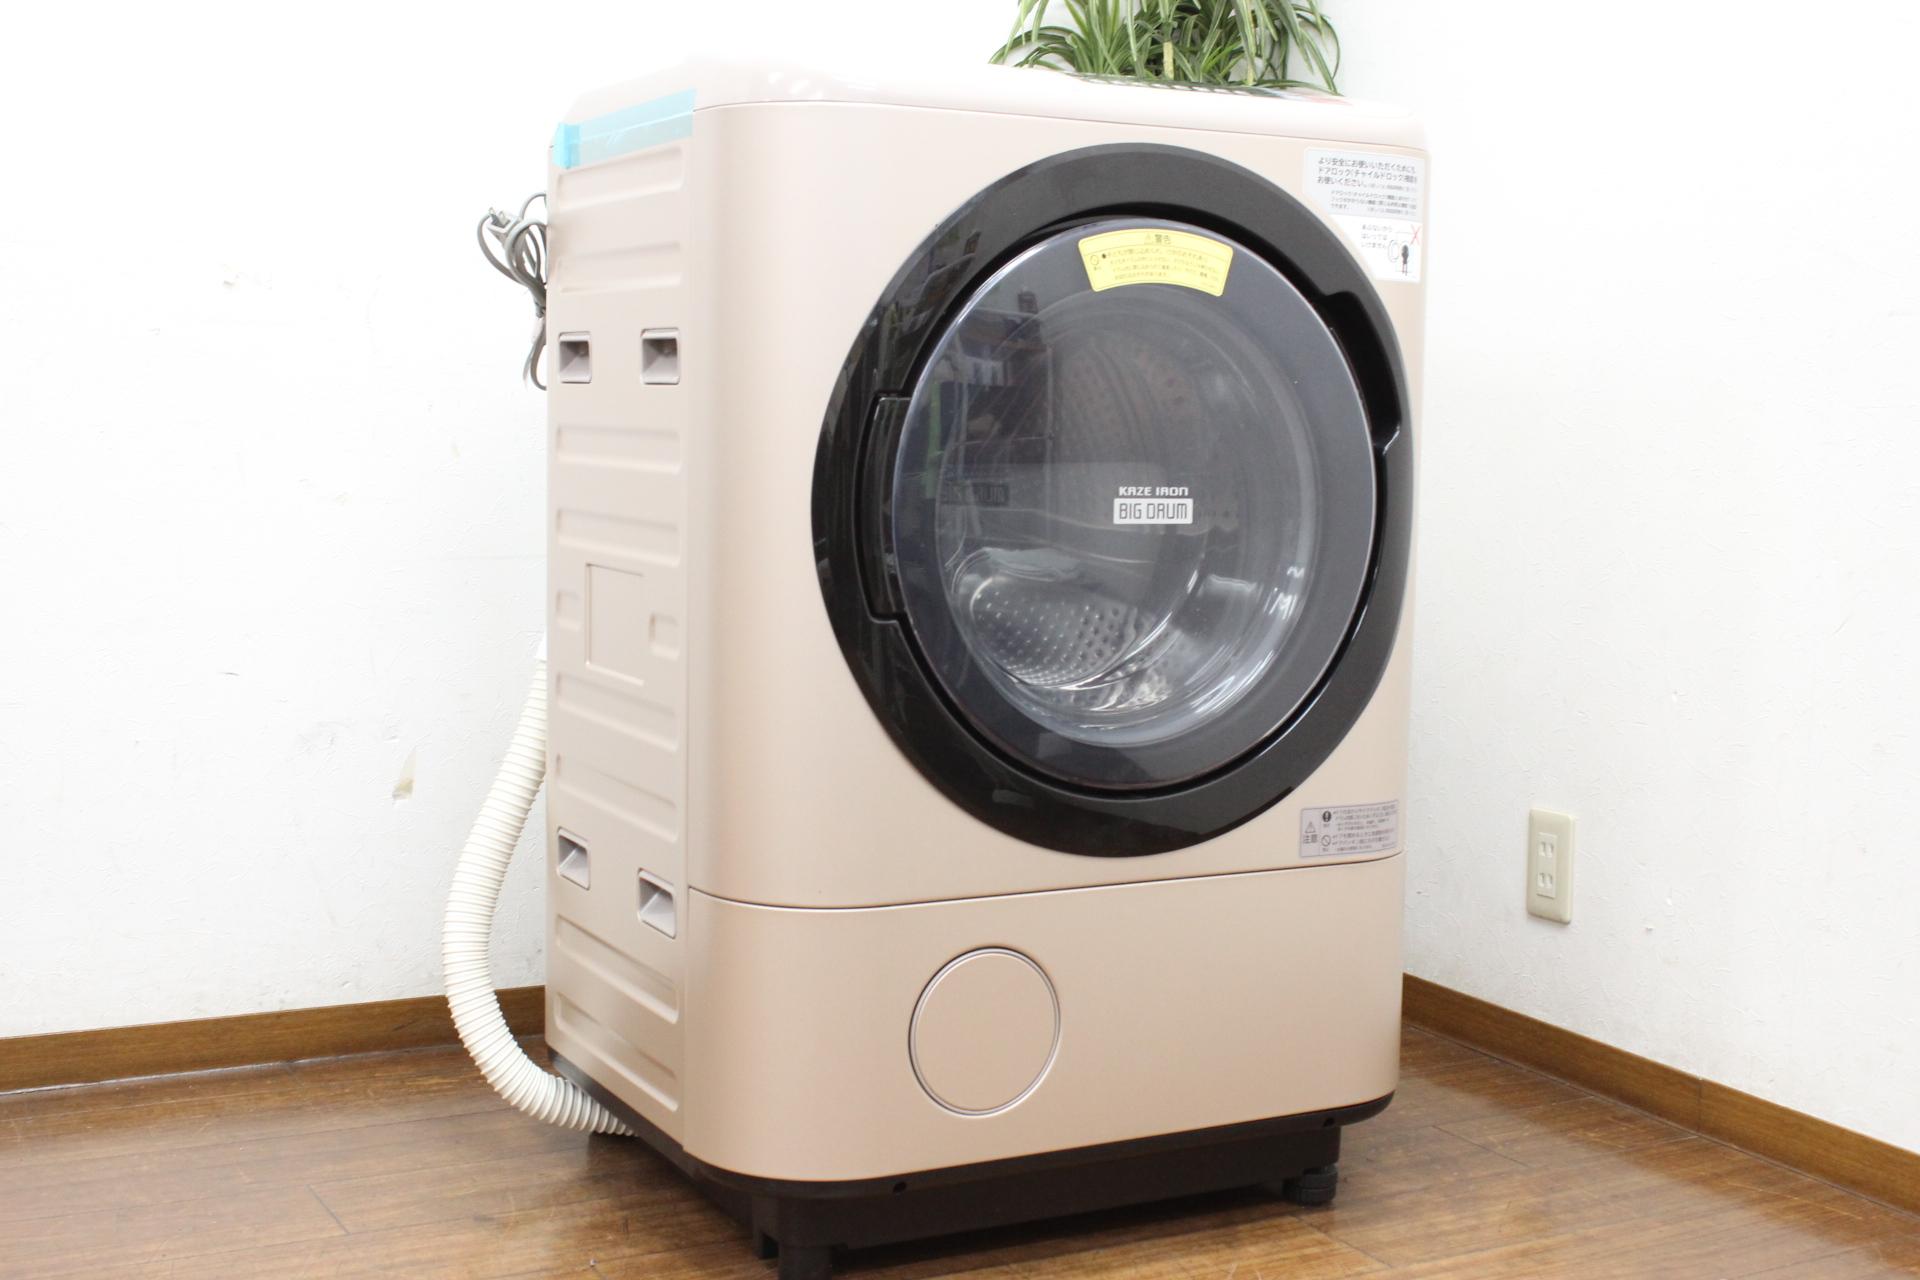 (福岡市東区)日立 ヒートリサイクル ドラム式洗濯乾燥機 BD-NX120AL 2016年製の買取-